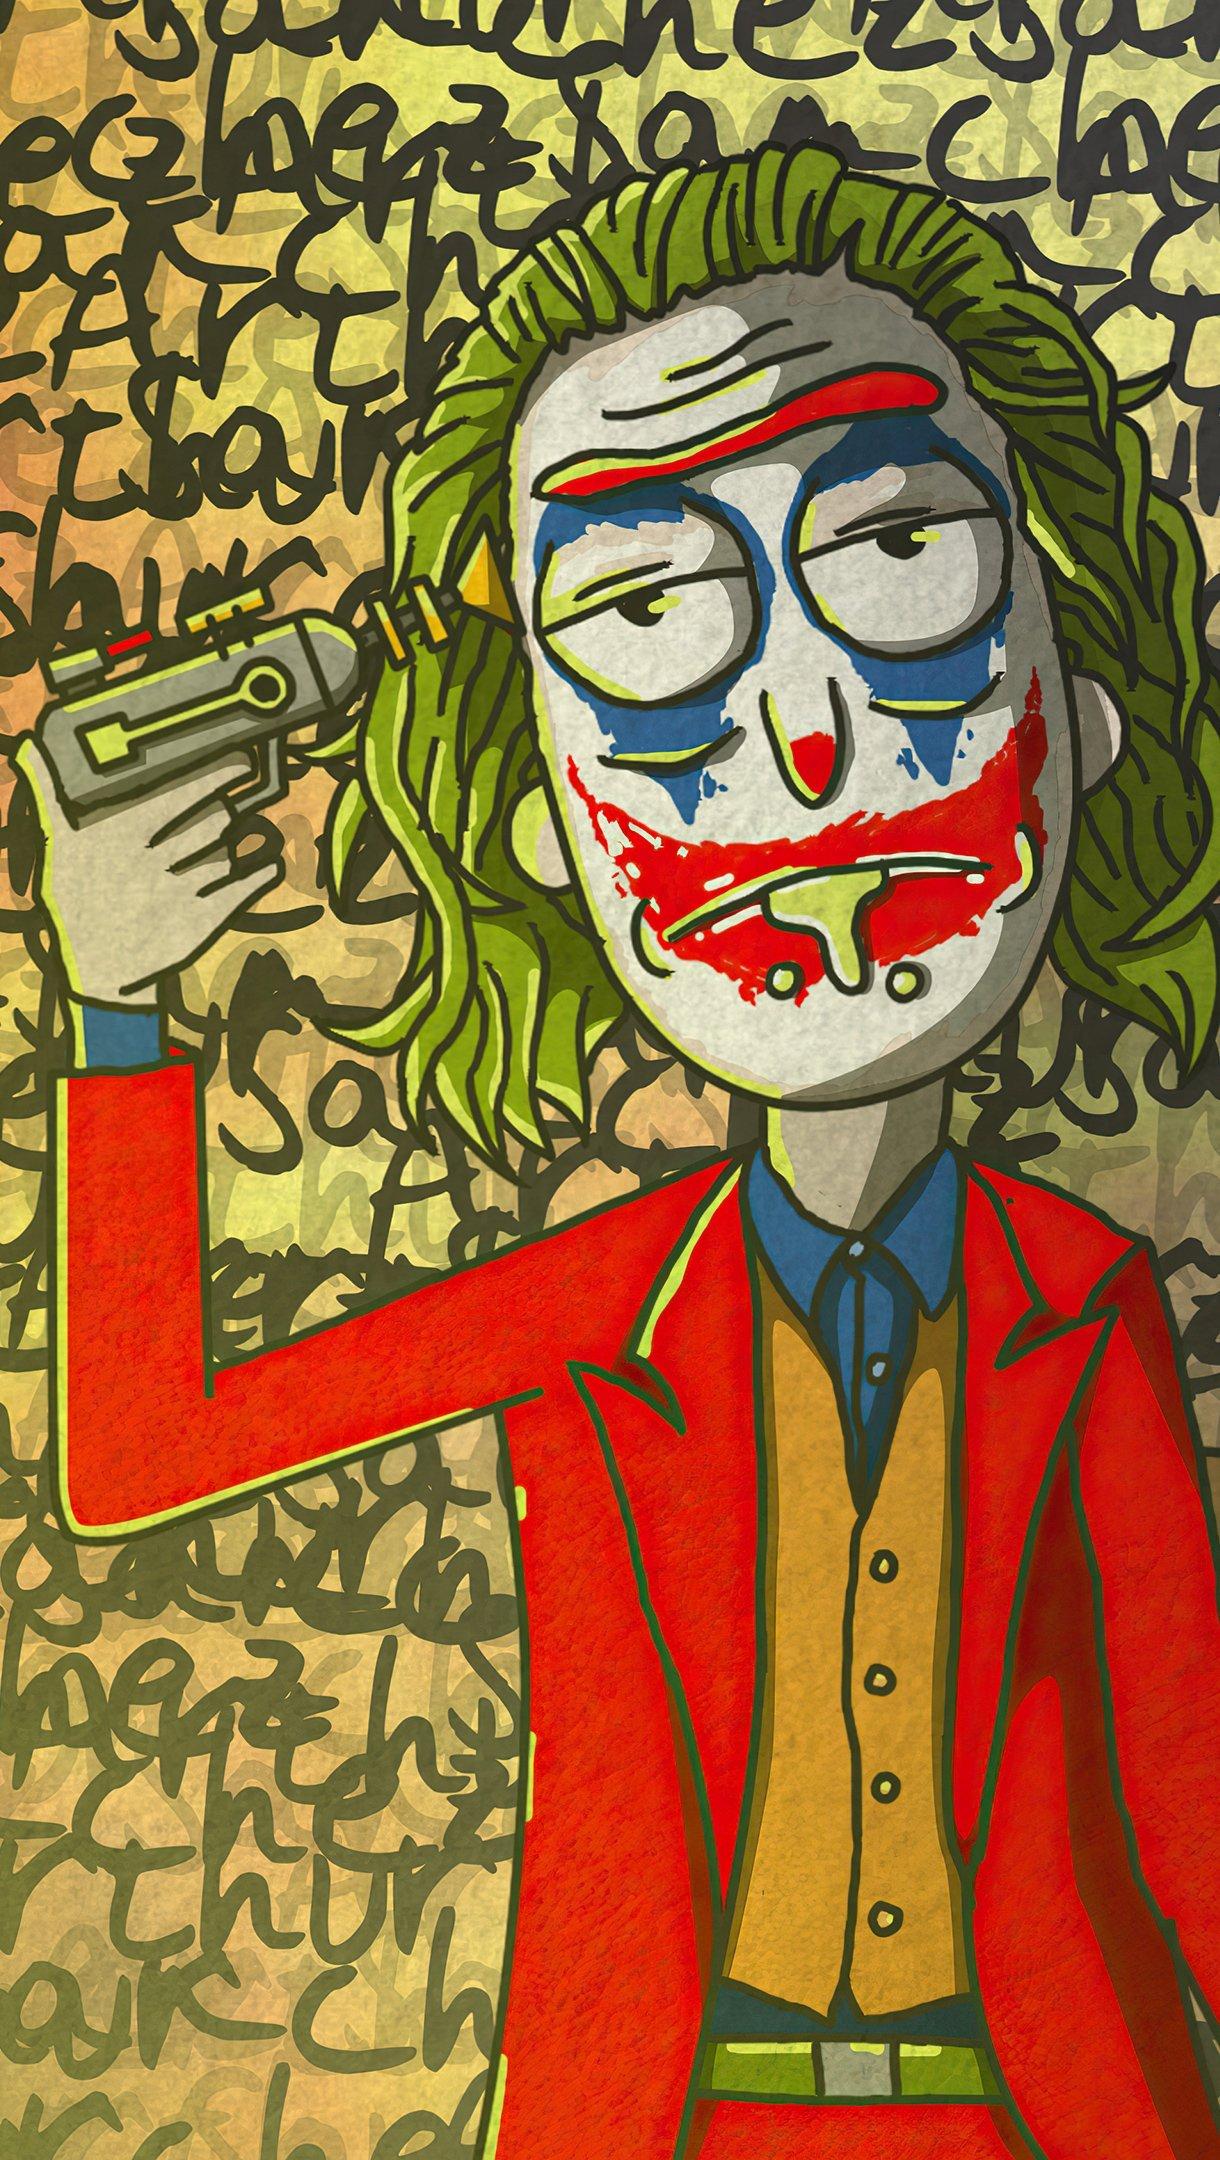 Fondos de pantalla Rick Sanchez como el Guasón Vertical